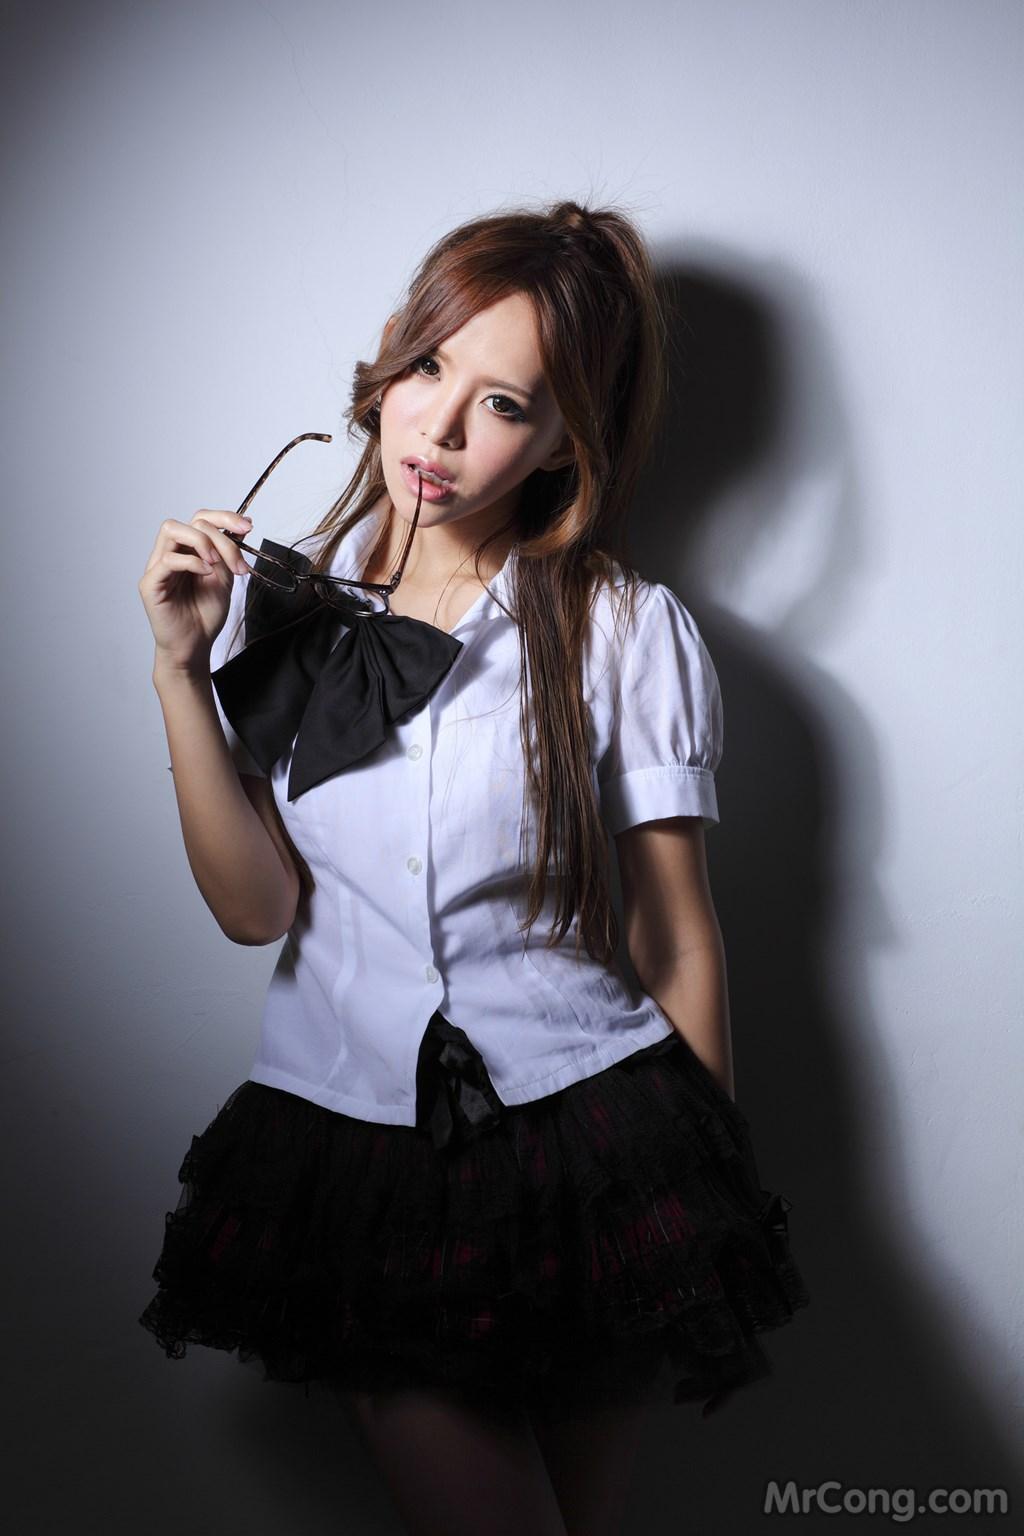 Image Girl-xinh-Dai-Loan-by-Joseph-Huang-Phan-2-MrCong.com-0036 in post Các cô gái Đài Loan qua góc chụp của Joseph Huang (黃阿文) - Phần 2 (1469 ảnh)